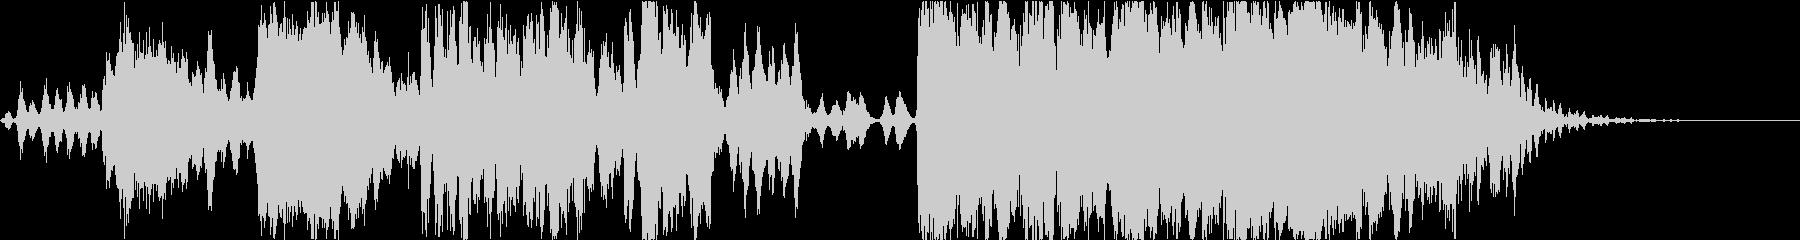 ストリングスのペンタミニマル的楽曲の未再生の波形